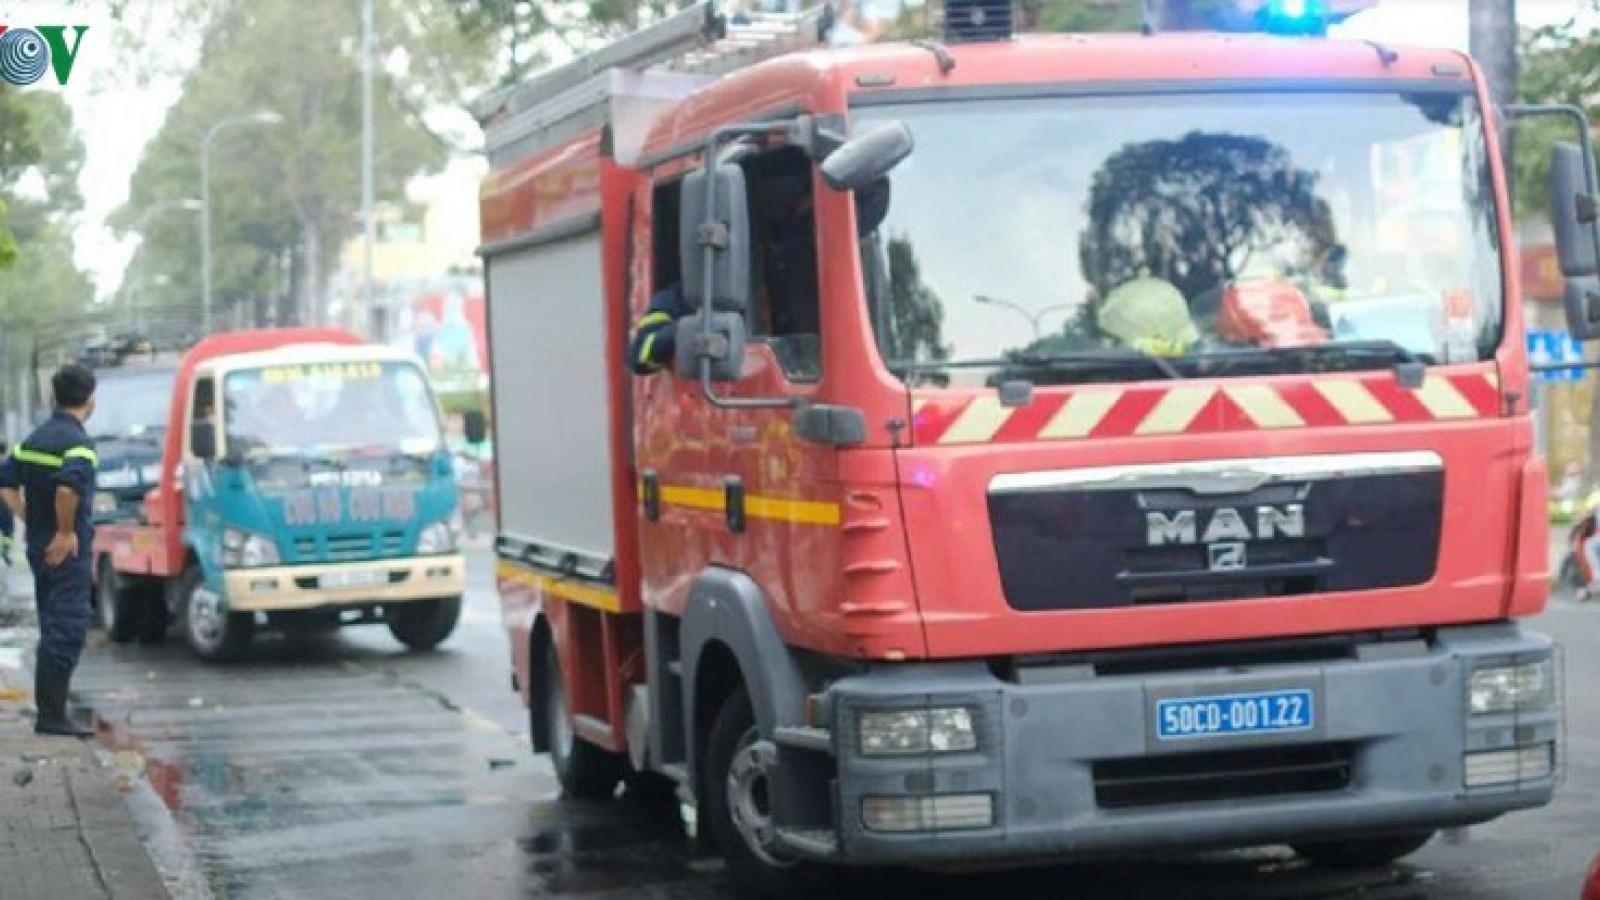 Xe tải chở hàng hóa cùng bình gas đang lưu thông bất ngờ cháy dữ dội